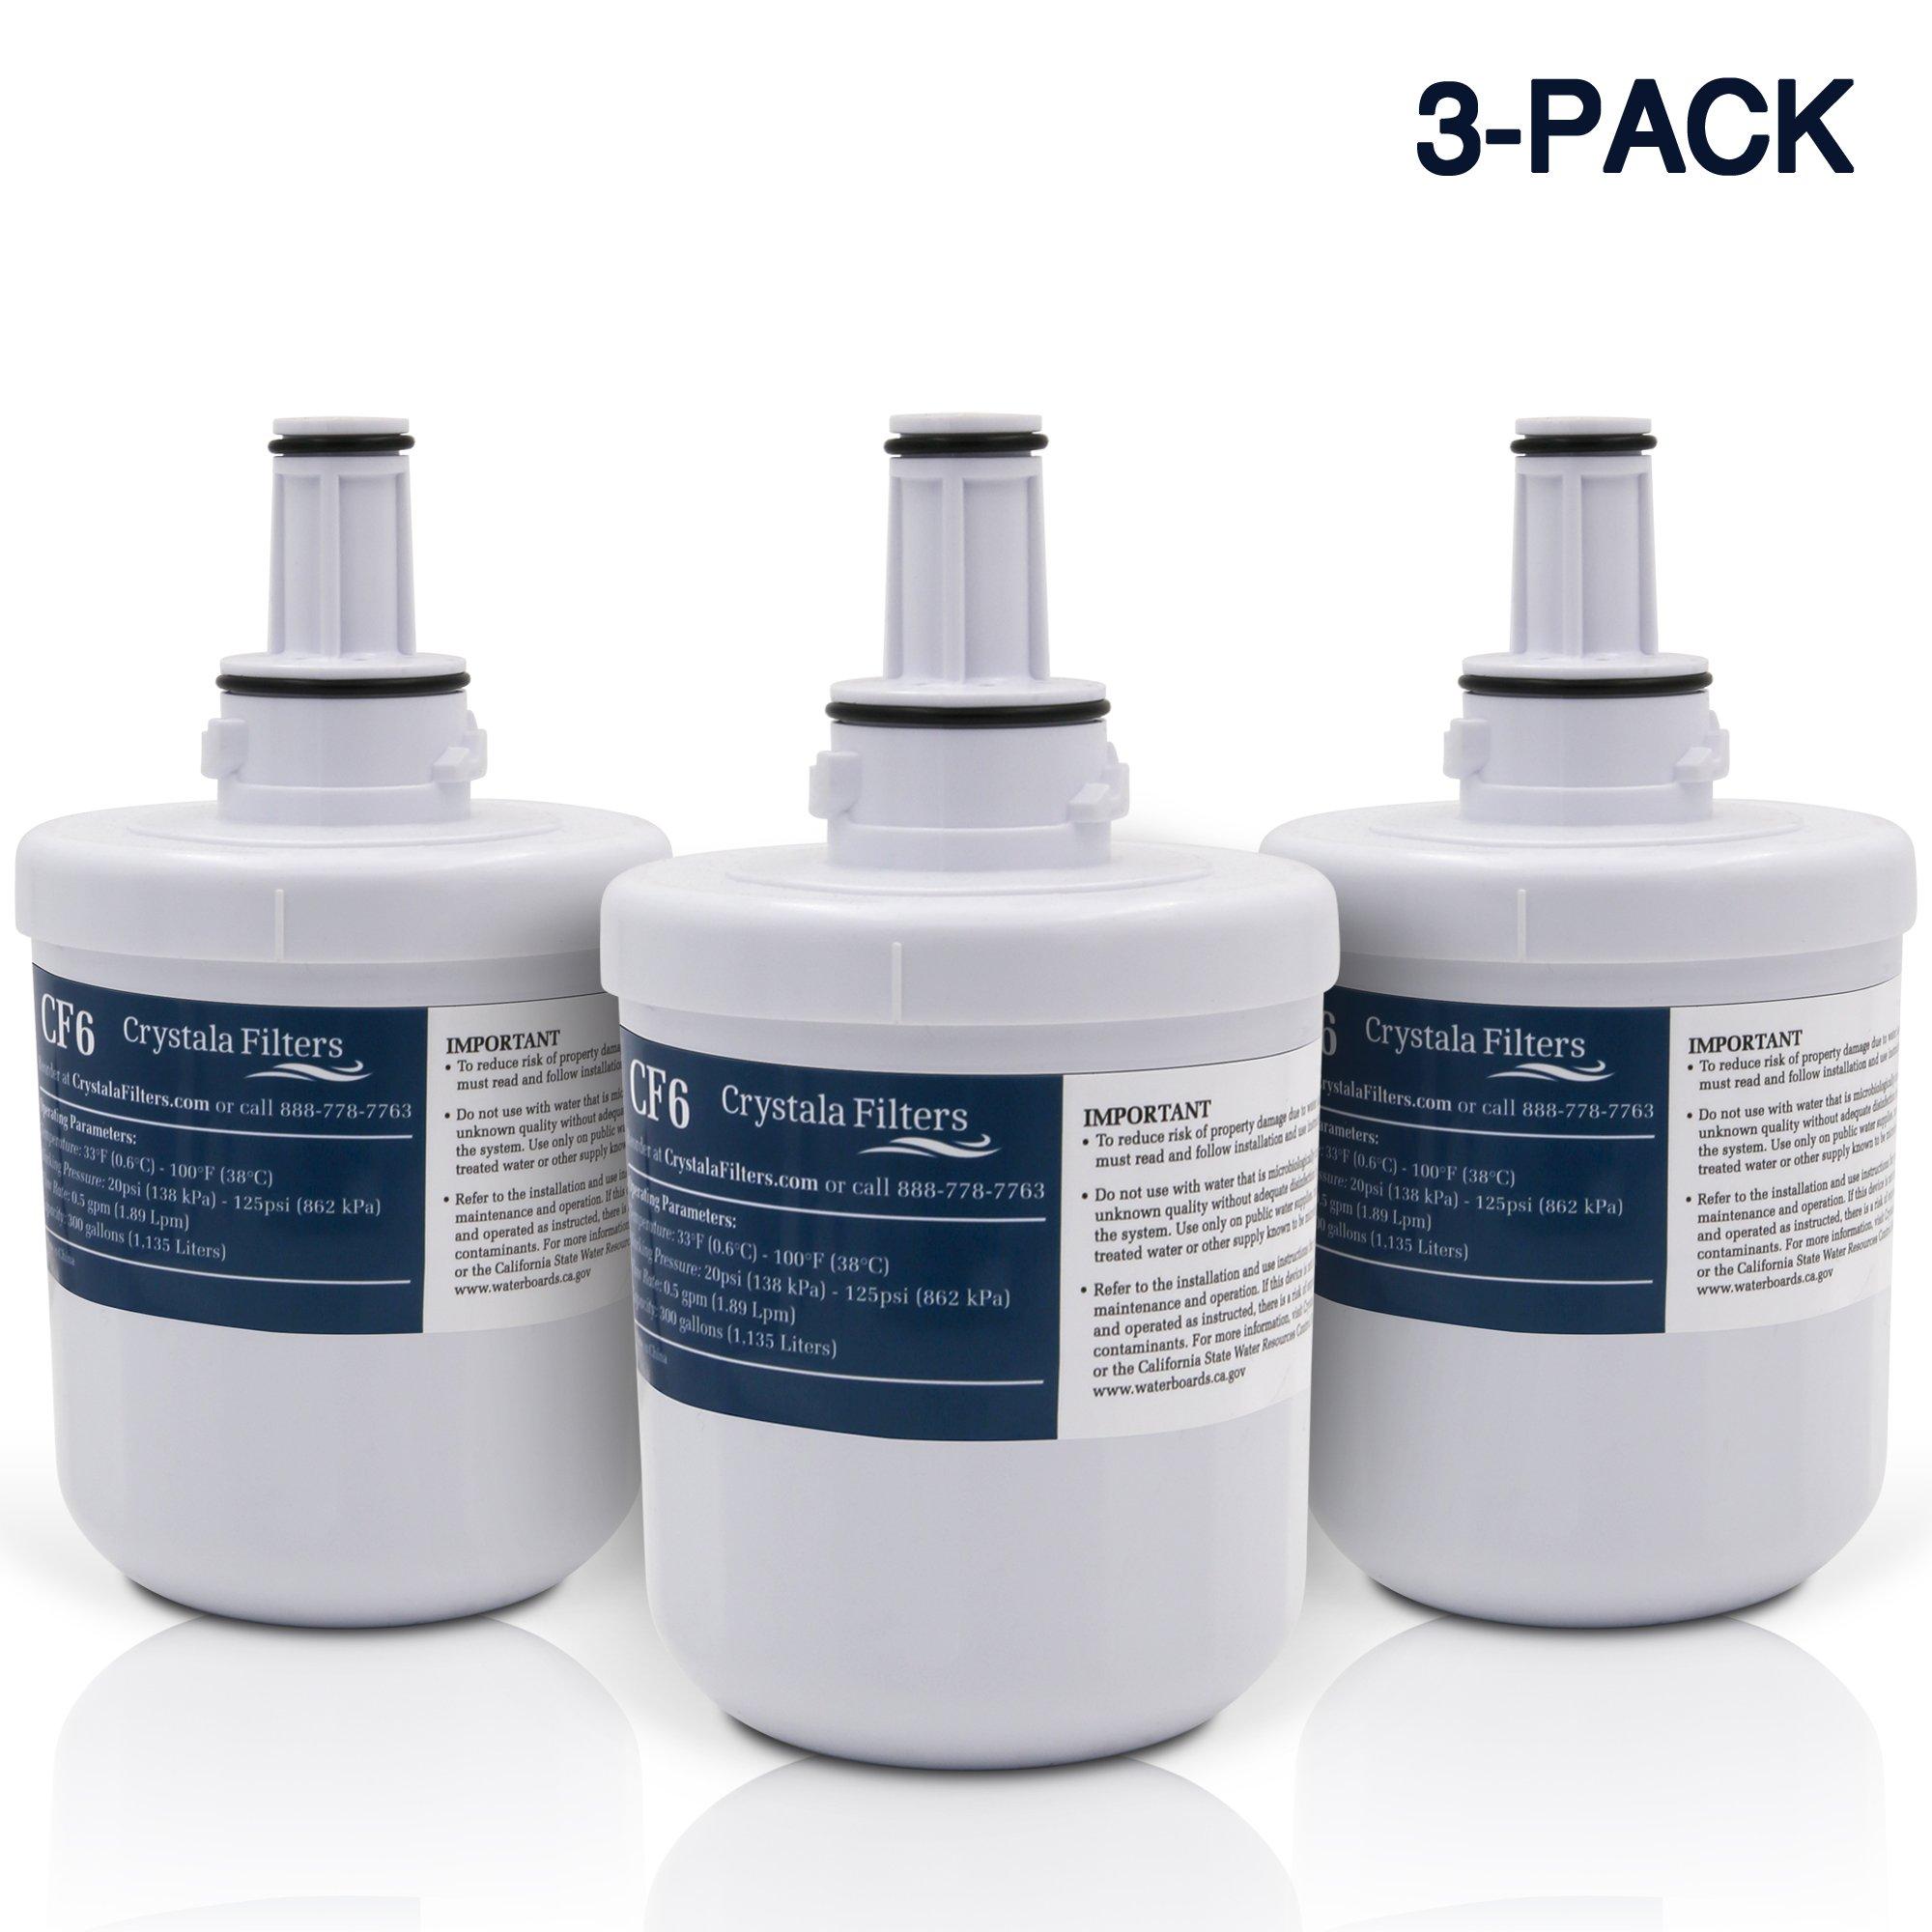 Crystala DA29-00003G Refrigerator Water Filter, Replacement for Samsung DA29-00003G, Aqua-Pure Plus DA29-00003B, HAFCU1 Water Filter (Pack of 3)